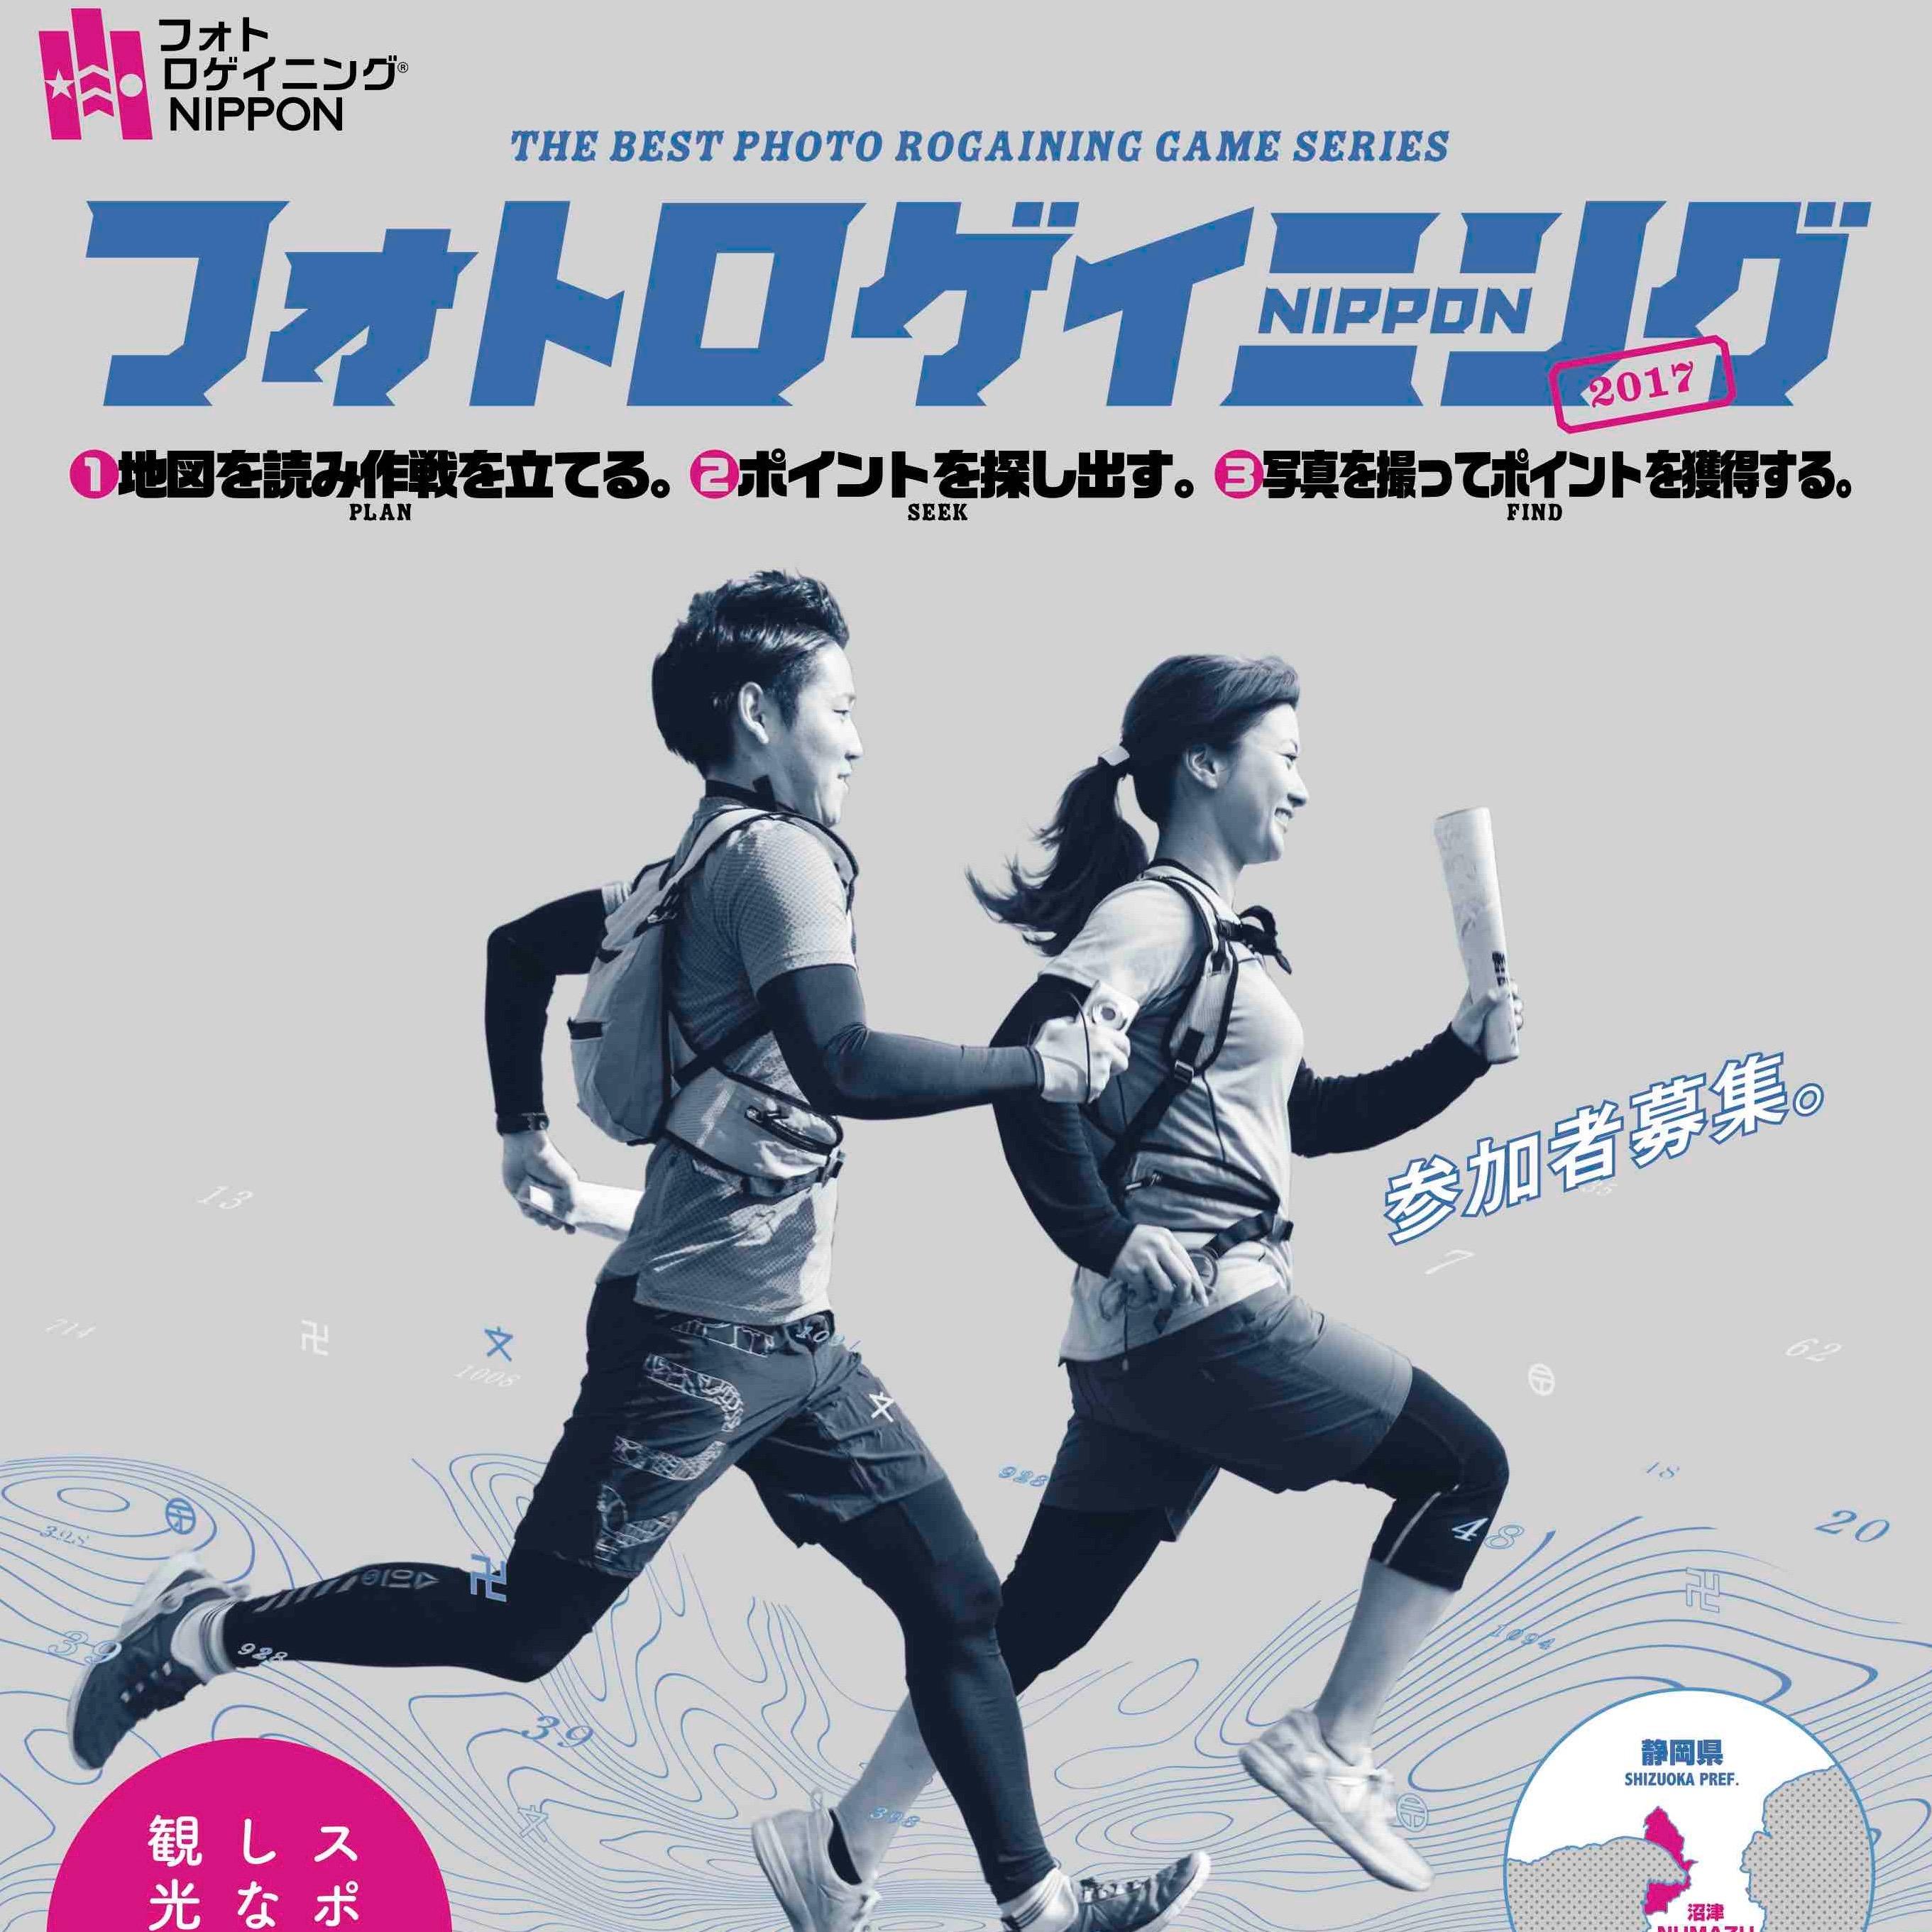 ©️トコナツ歩兵団2017